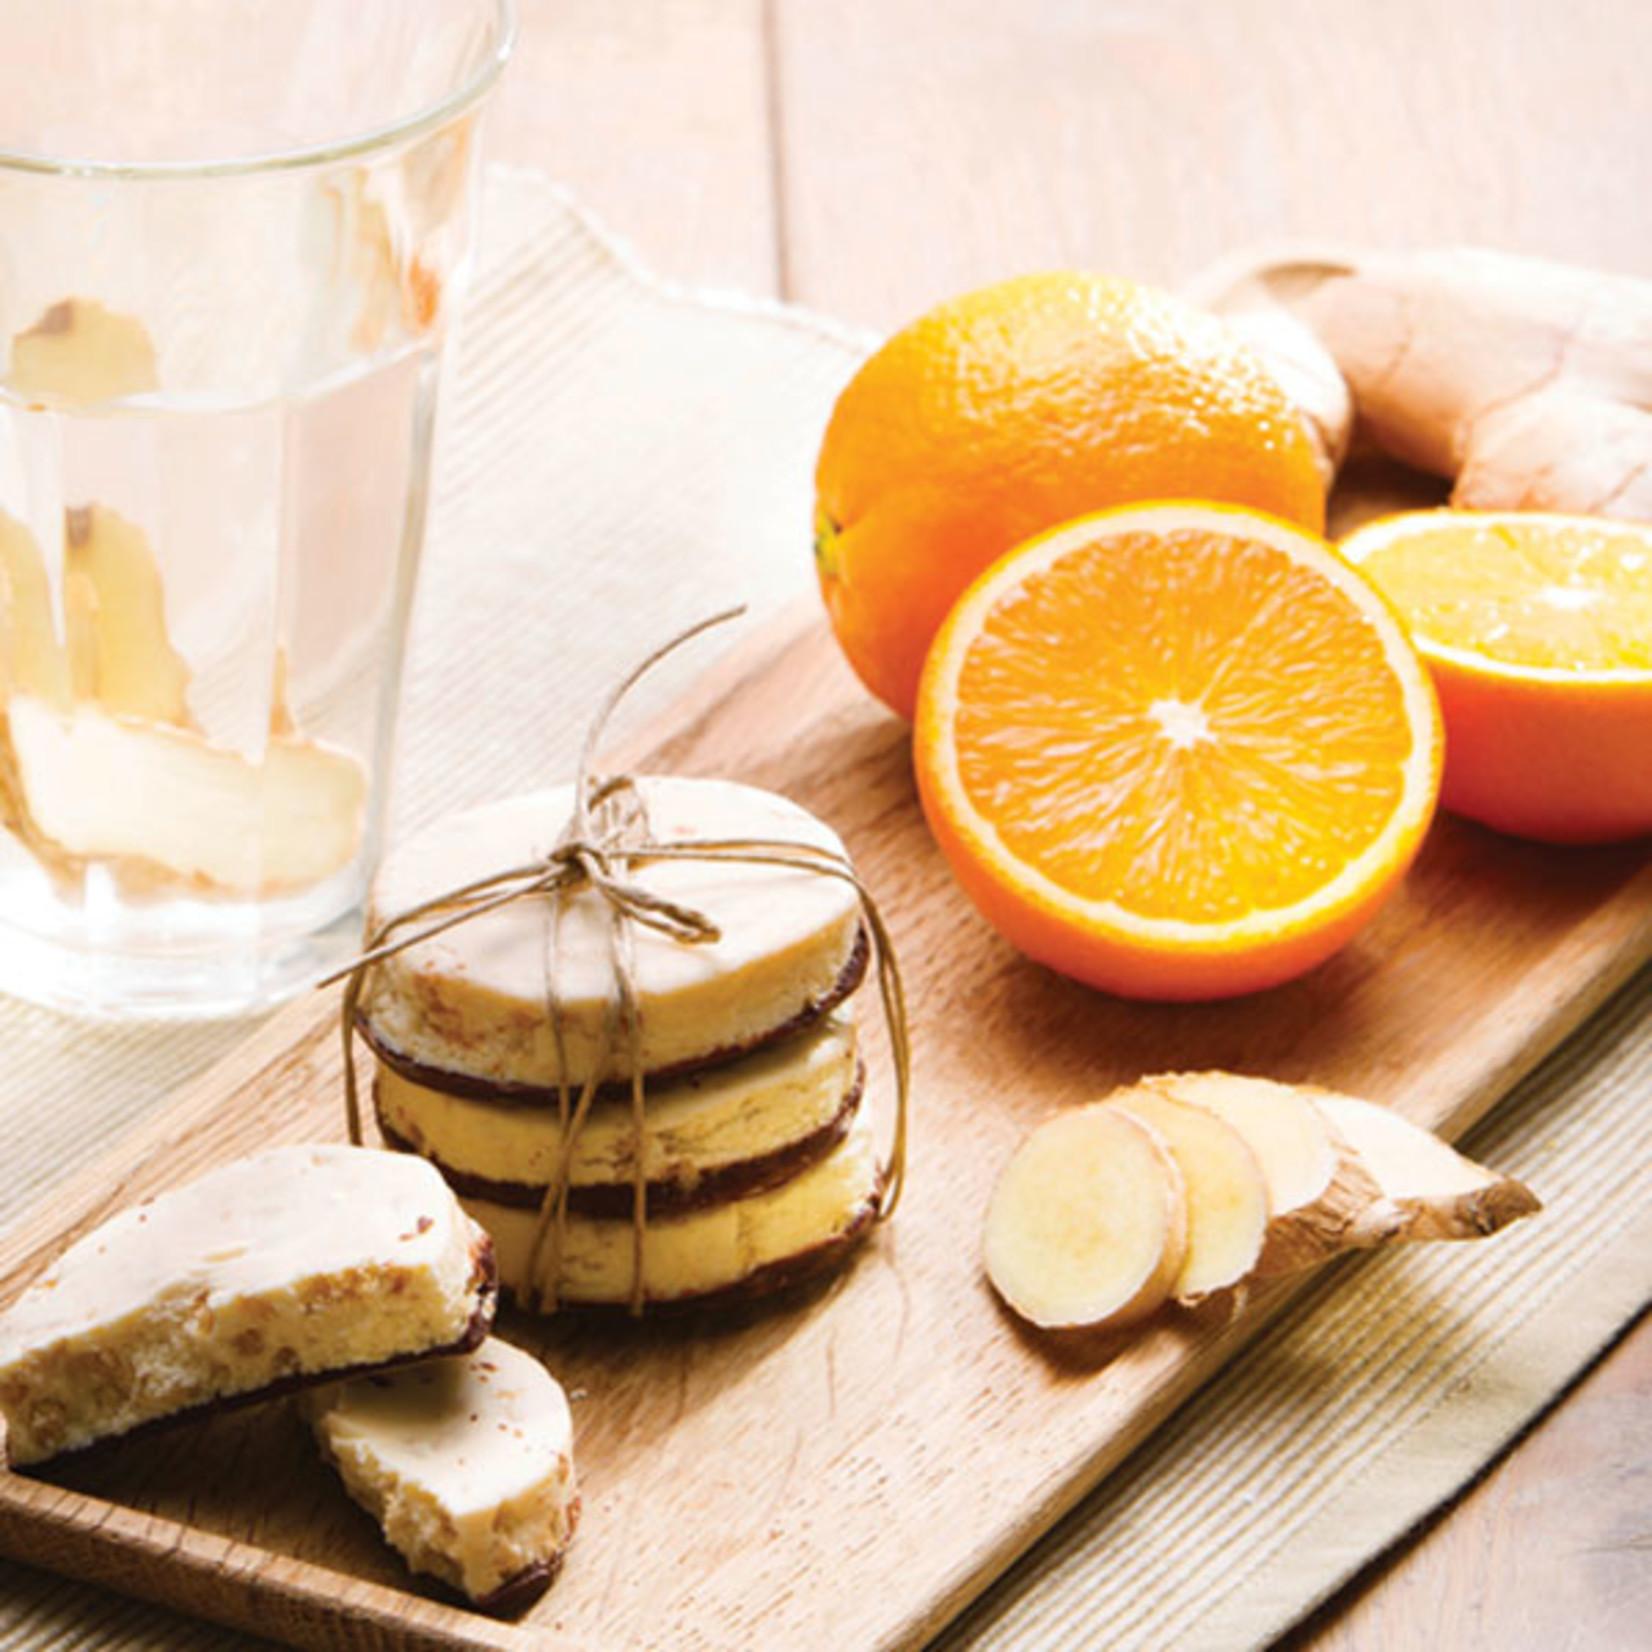 Powerslim PS07105 Sinaasappel gember koek